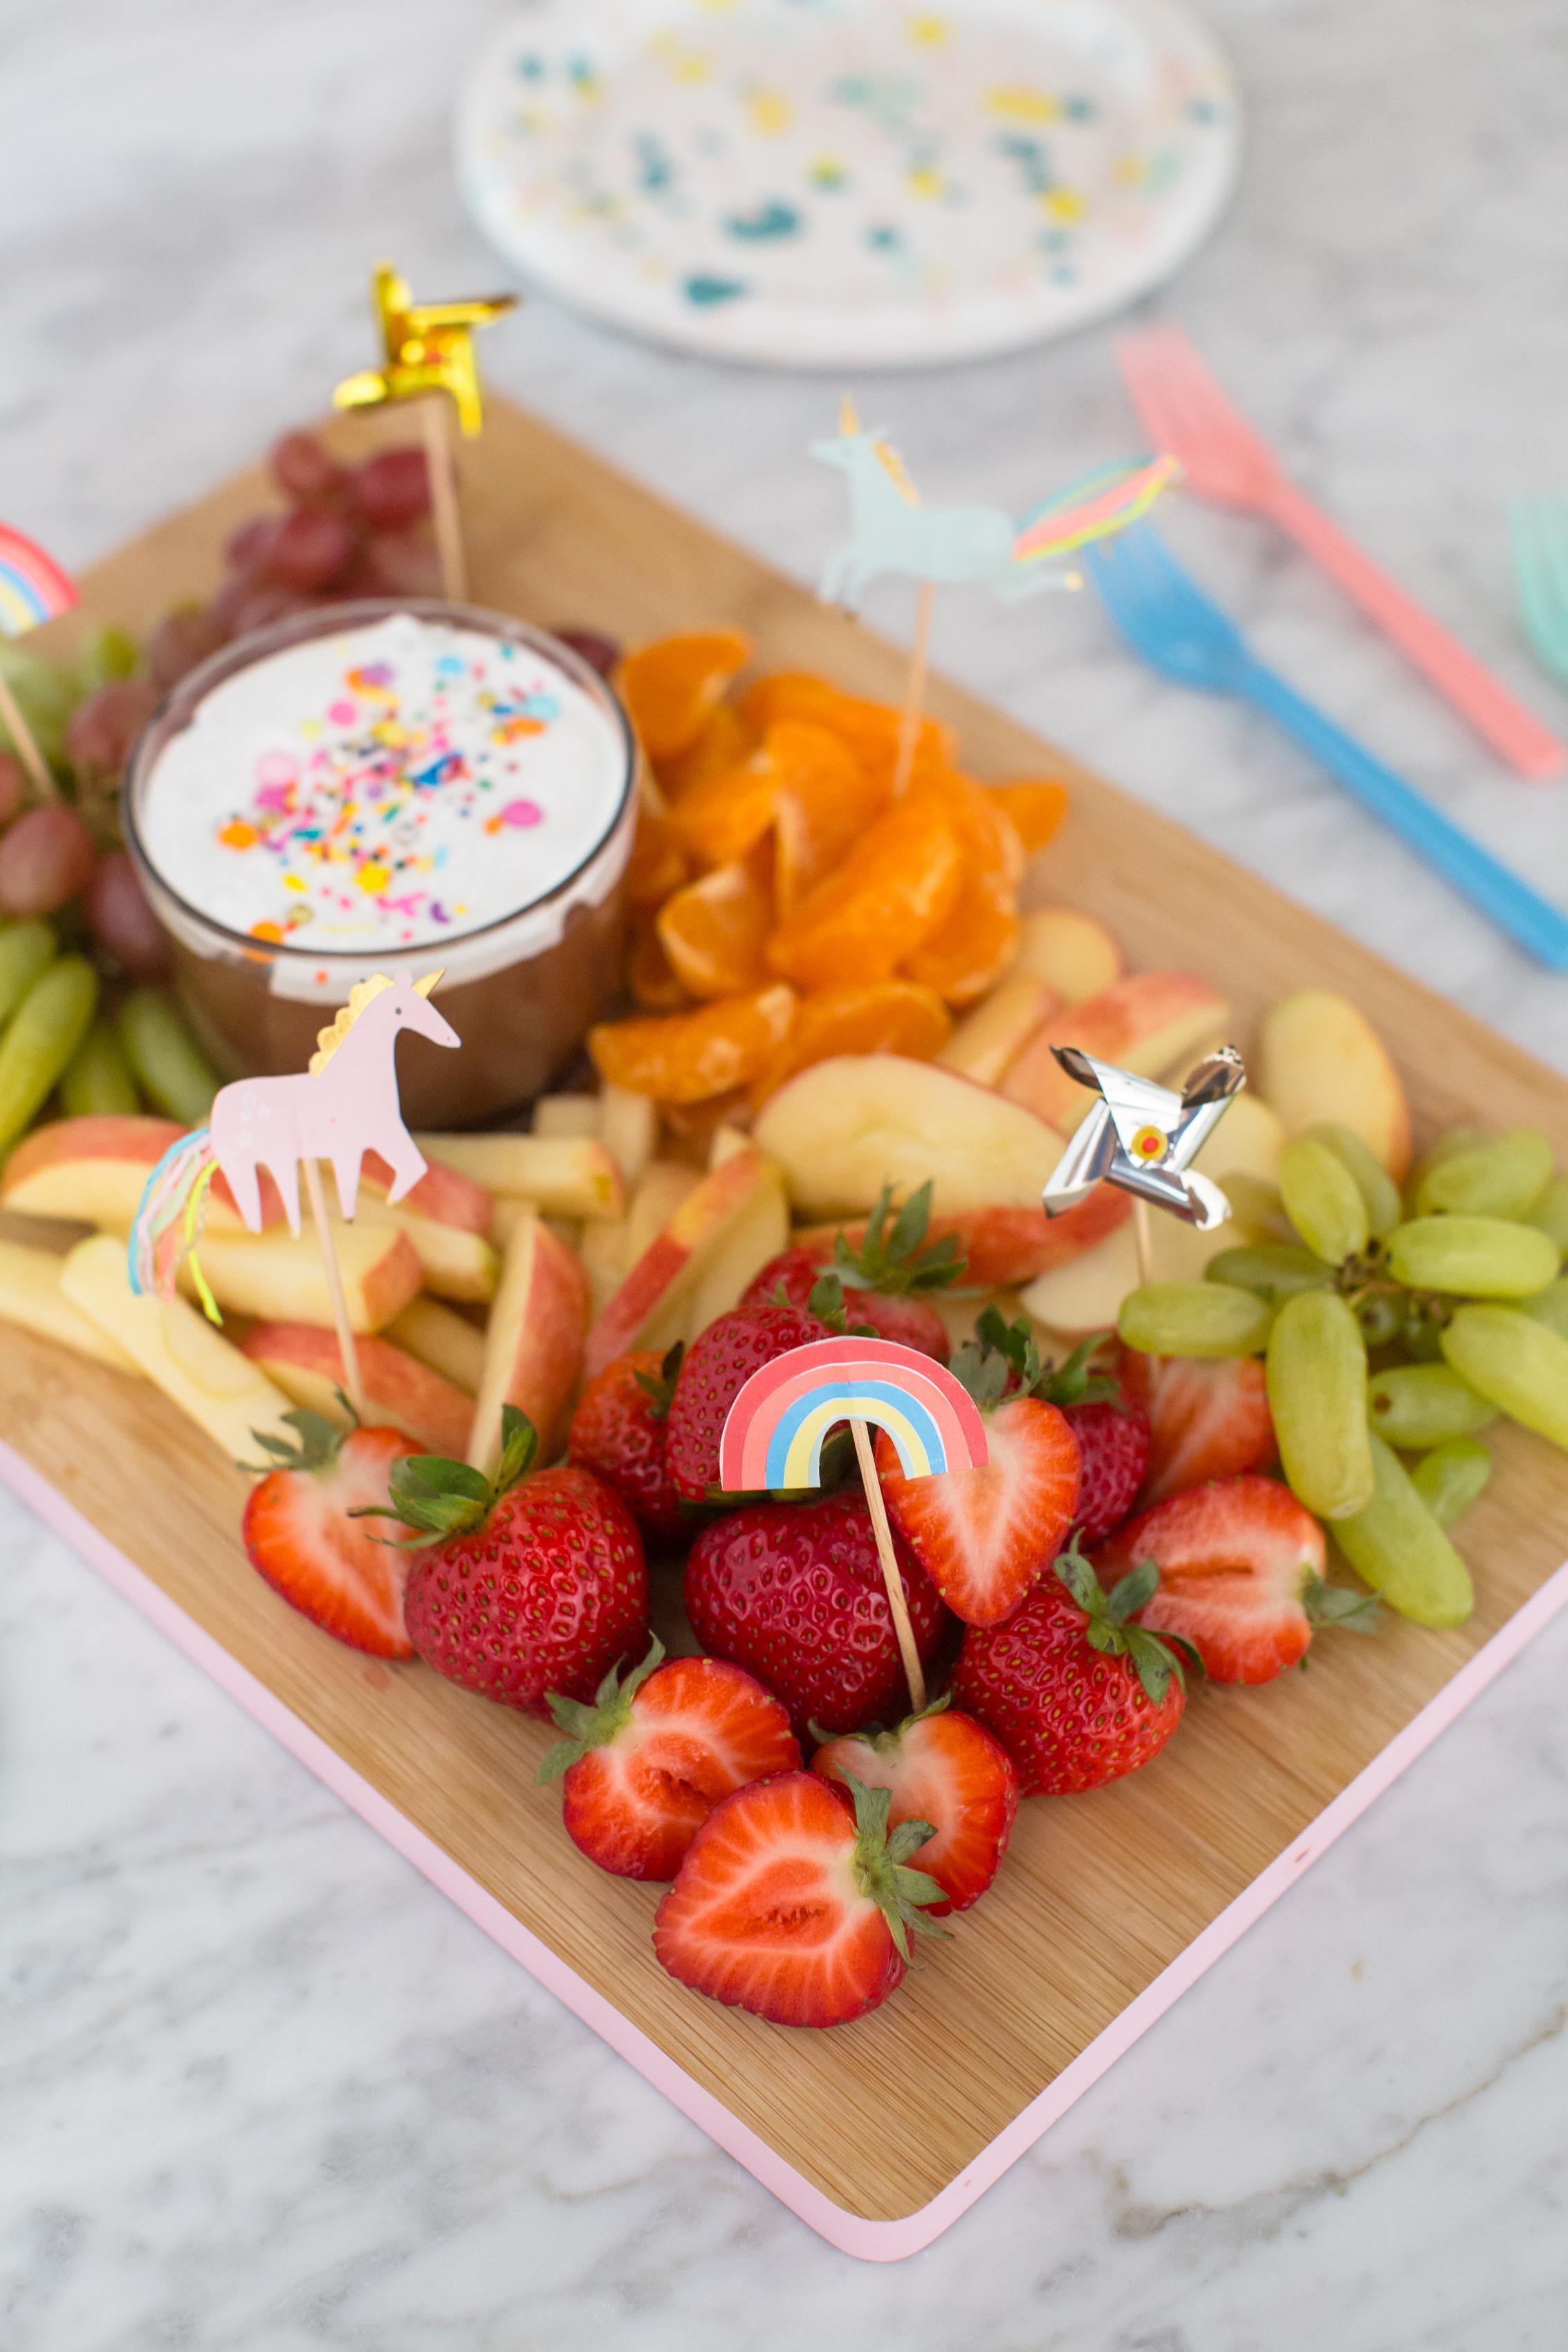 2018_09_04_After-School-Snack-Fruit-Board-8.jpg